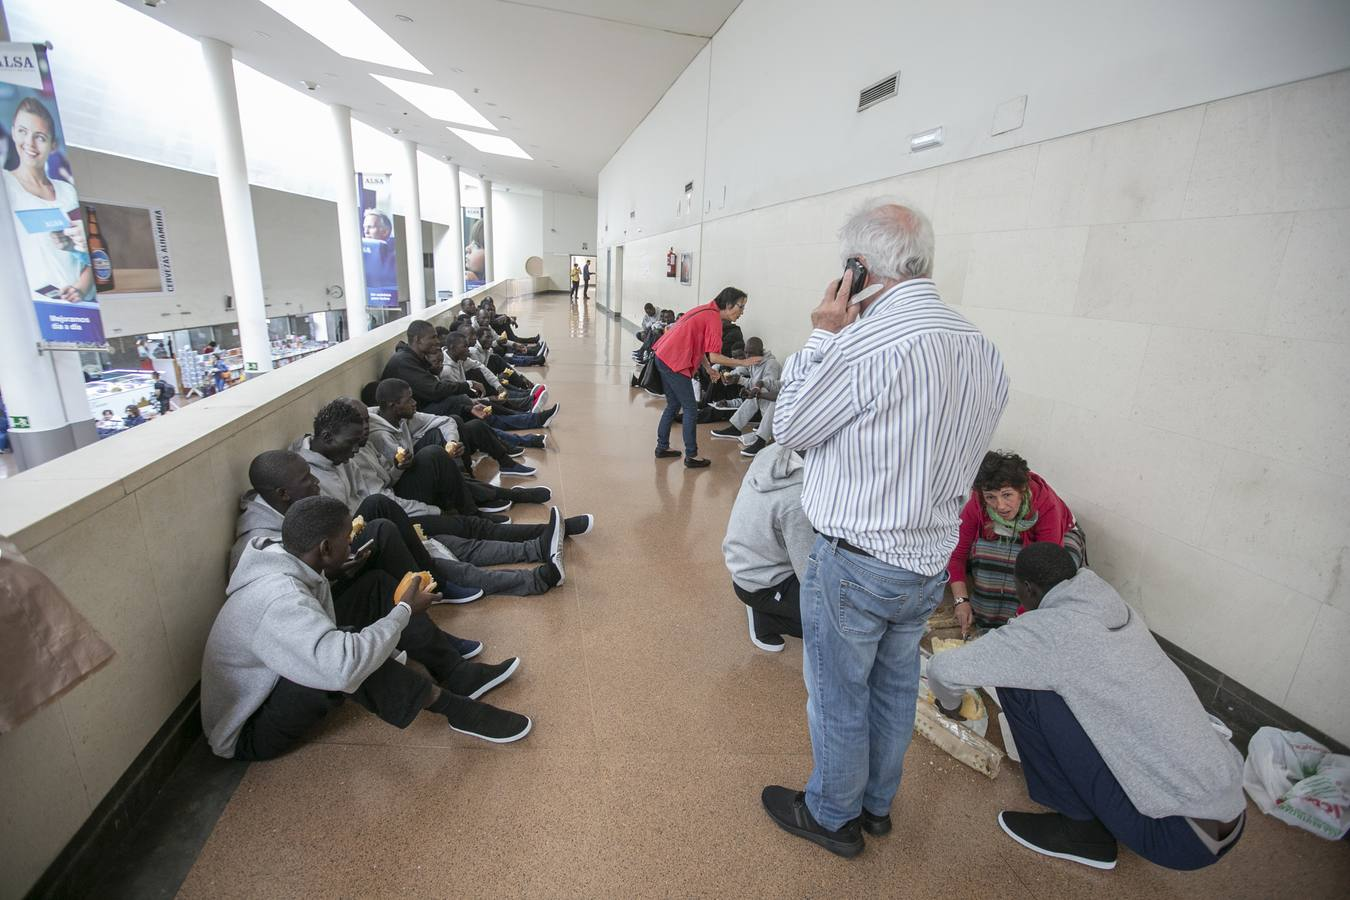 Liberan a 54 inmigrantes por la falta de plazas en los centros habituales